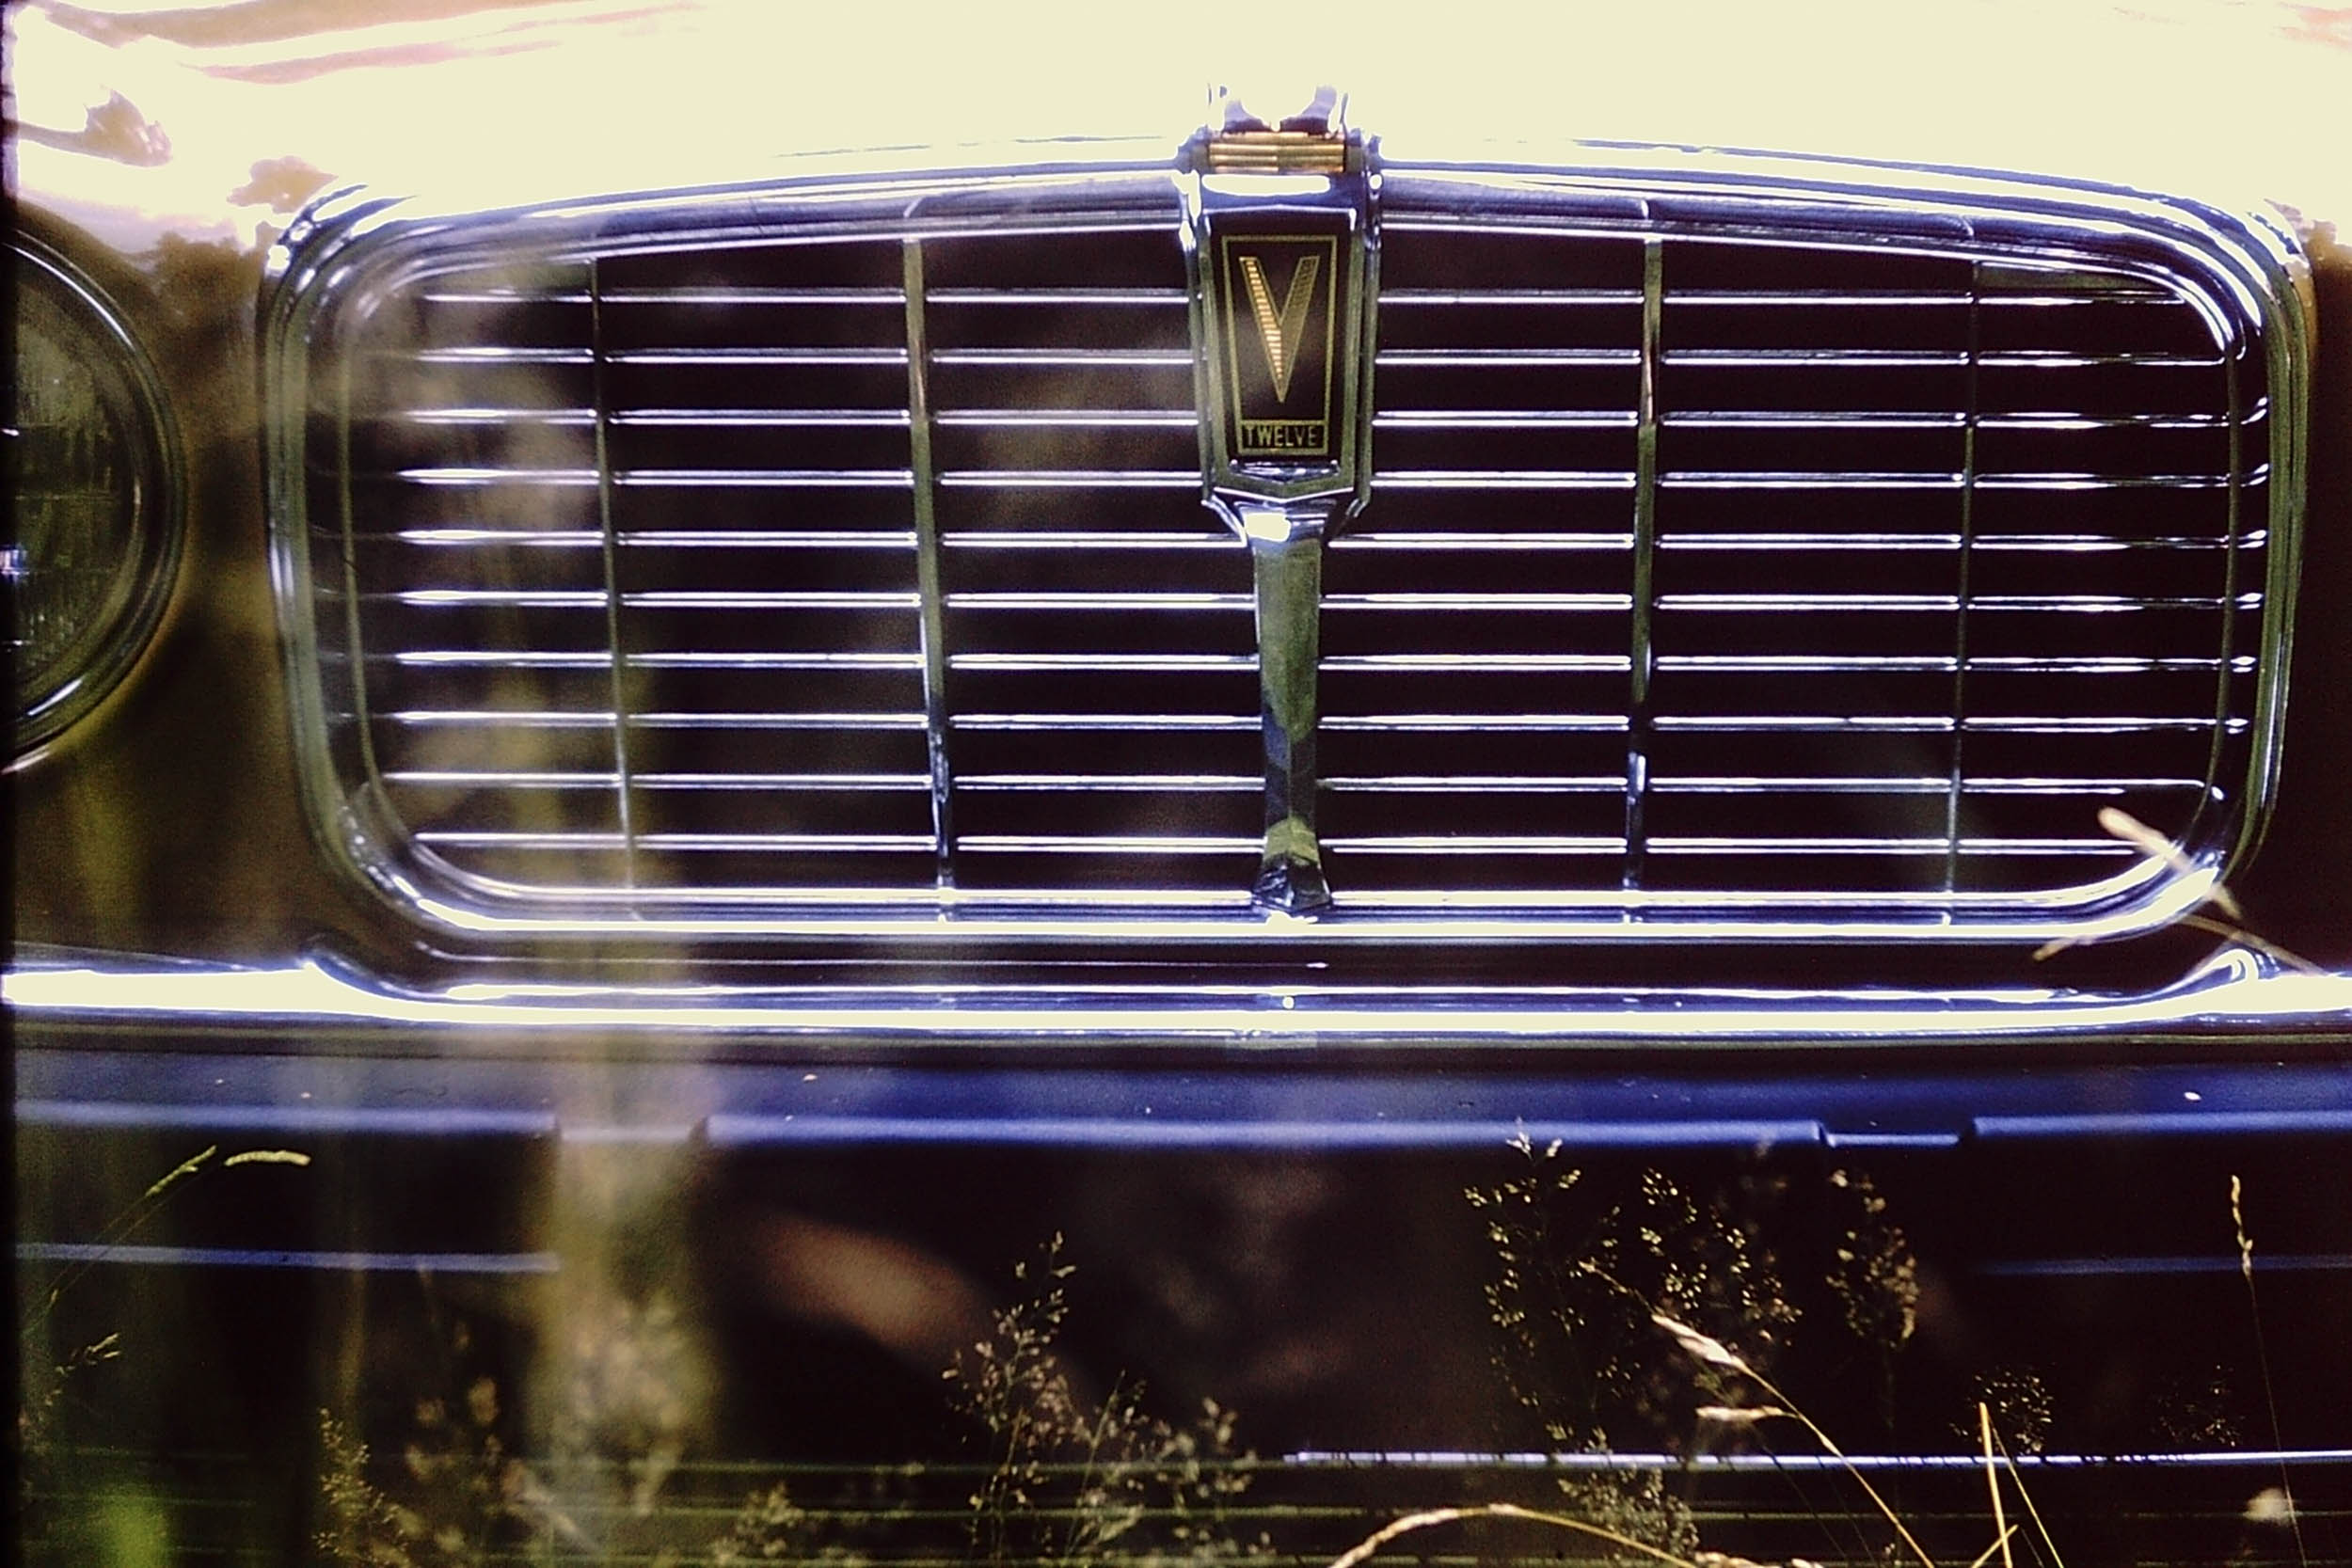 Series II XJ12 Grille